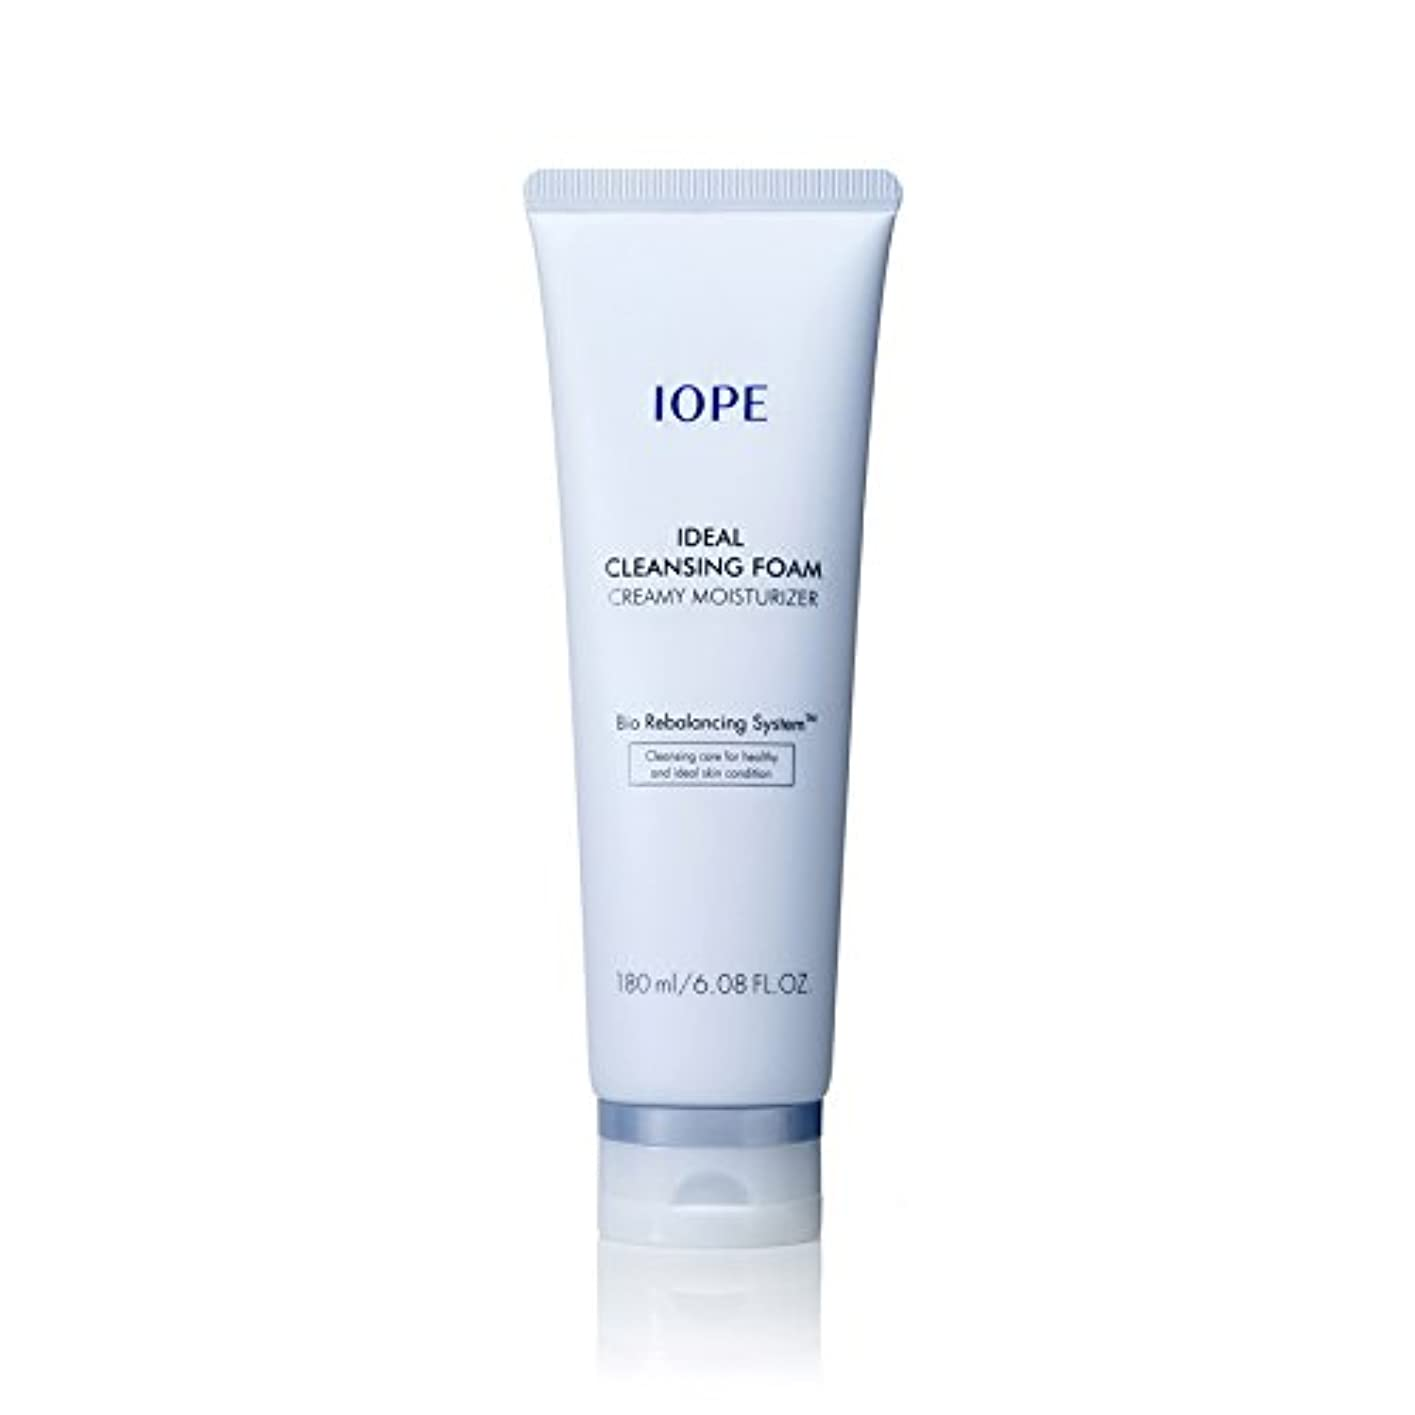 キャンプ他の日命題[New Ver.] IOPE Ideal Cleansing Foam Creamy Moisturizer 180ml/アイオペ アイディアル クレンジングフォーム クリーミー モイスチャライザー 180ml [並行輸入品]